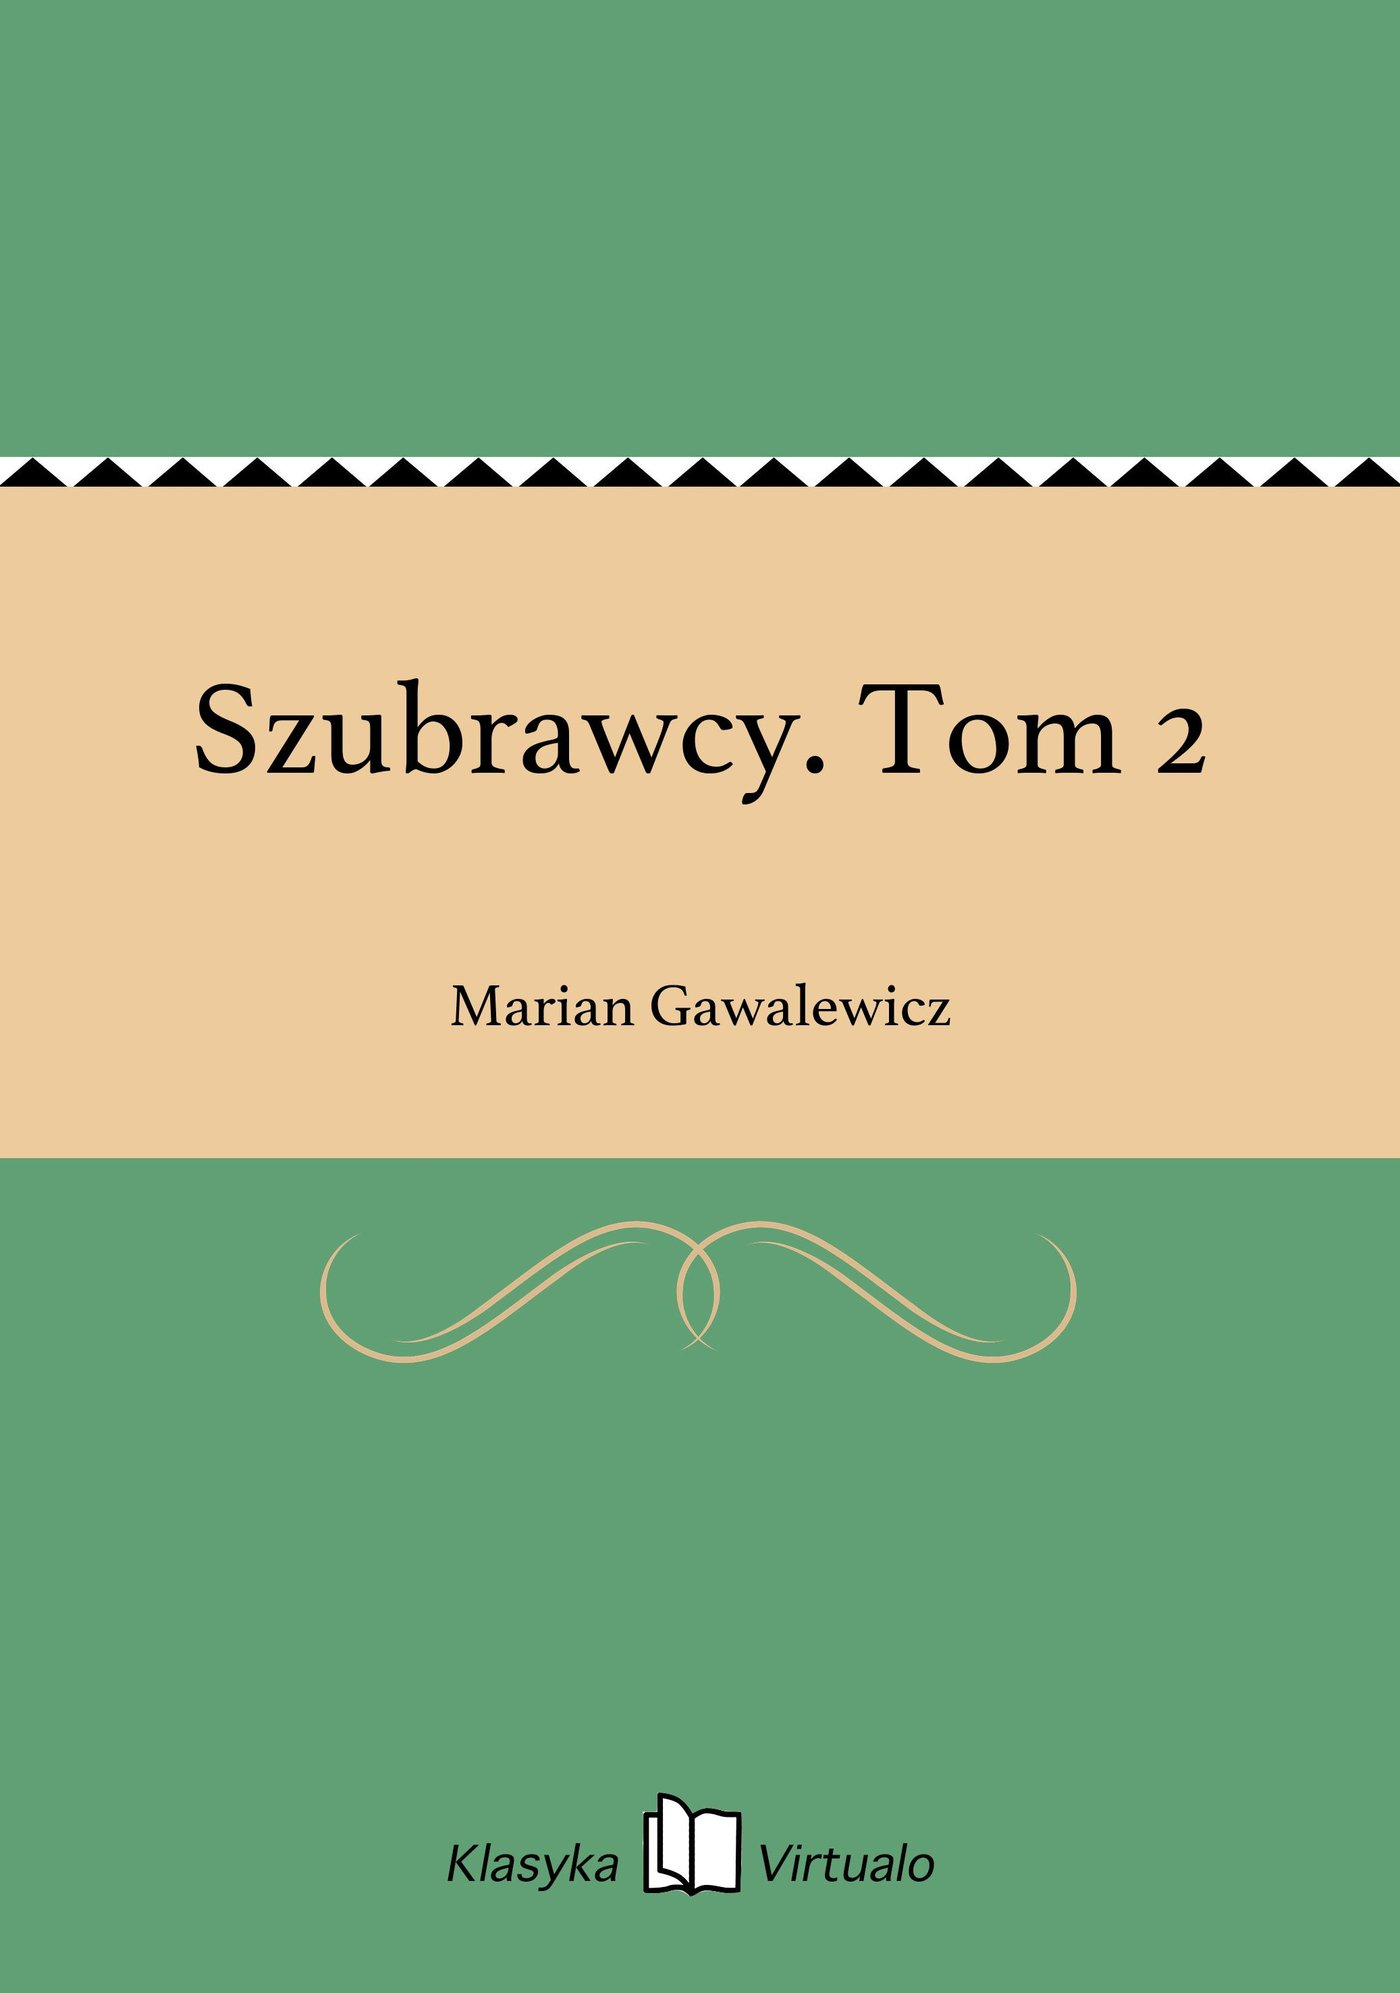 Szubrawcy. Tom 2 - Ebook (Książka EPUB) do pobrania w formacie EPUB